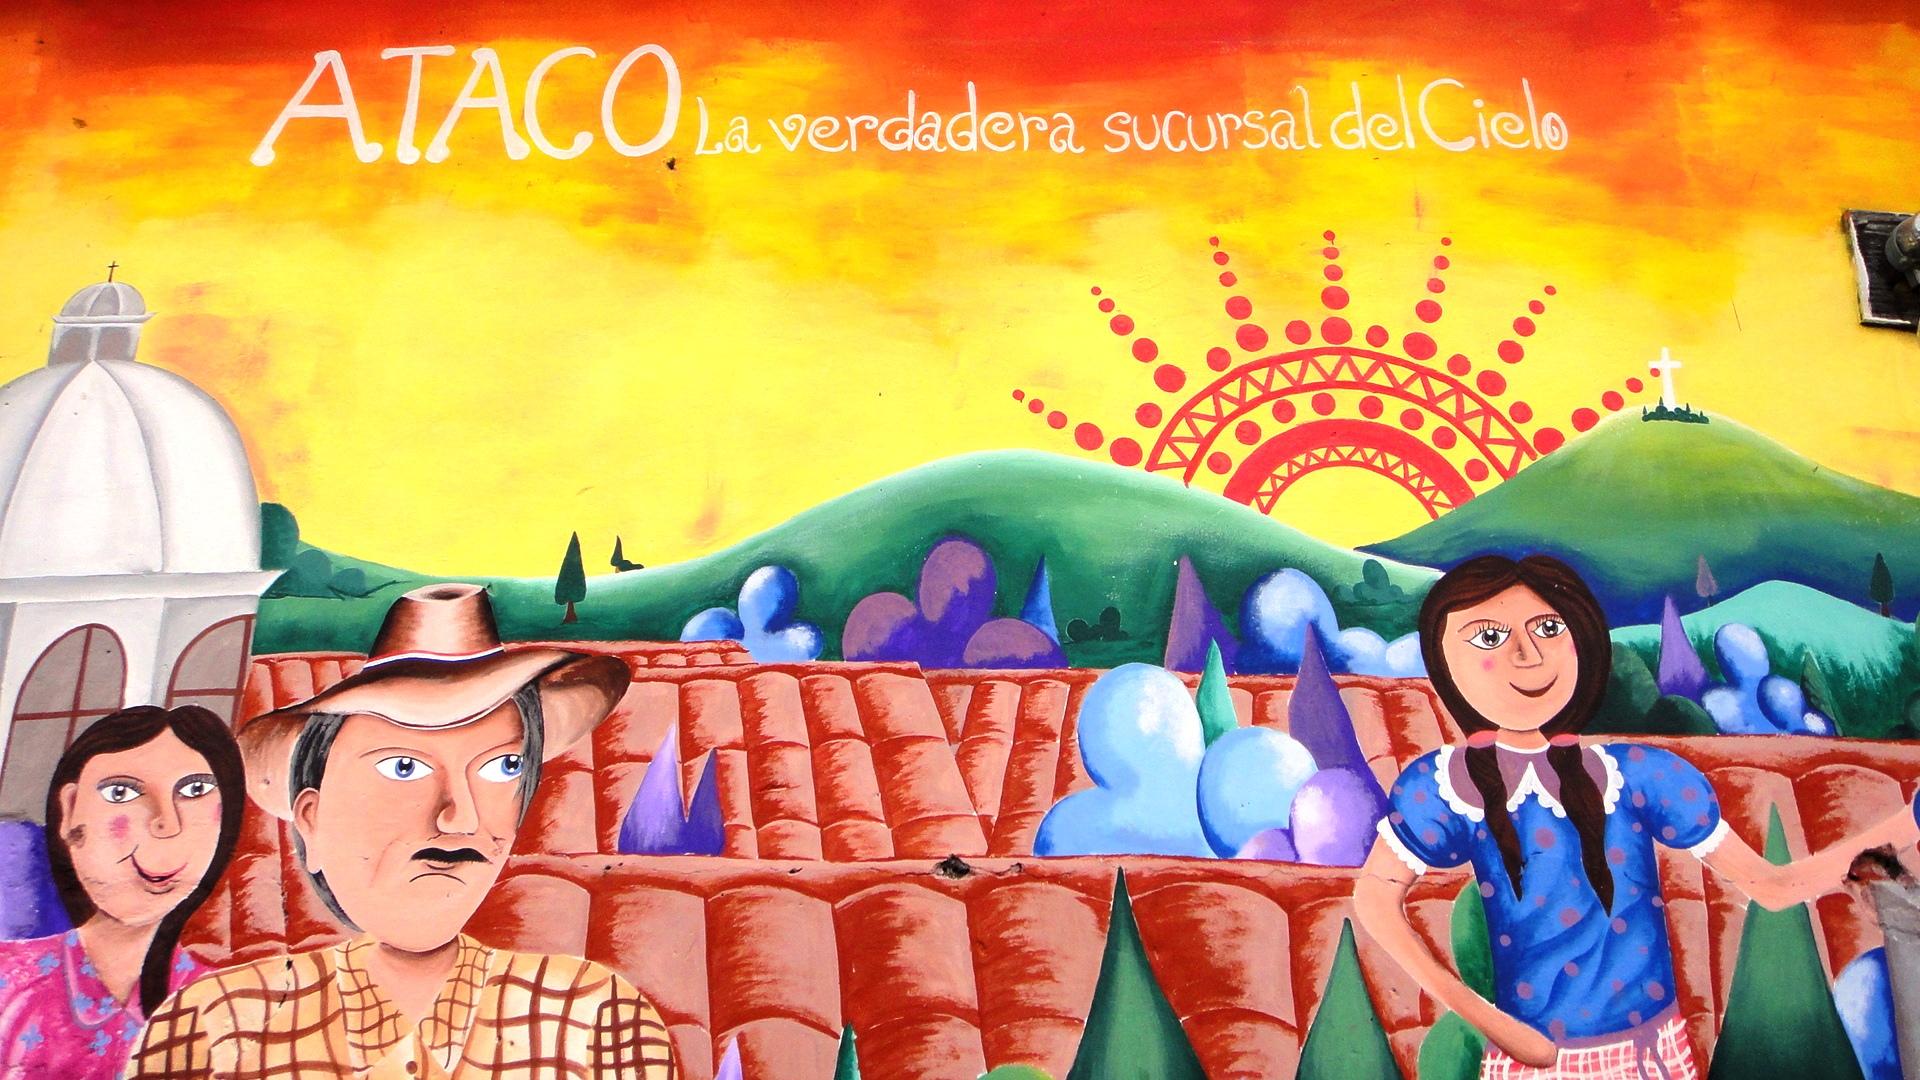 Ataco - places to visit in el salvador - welcome